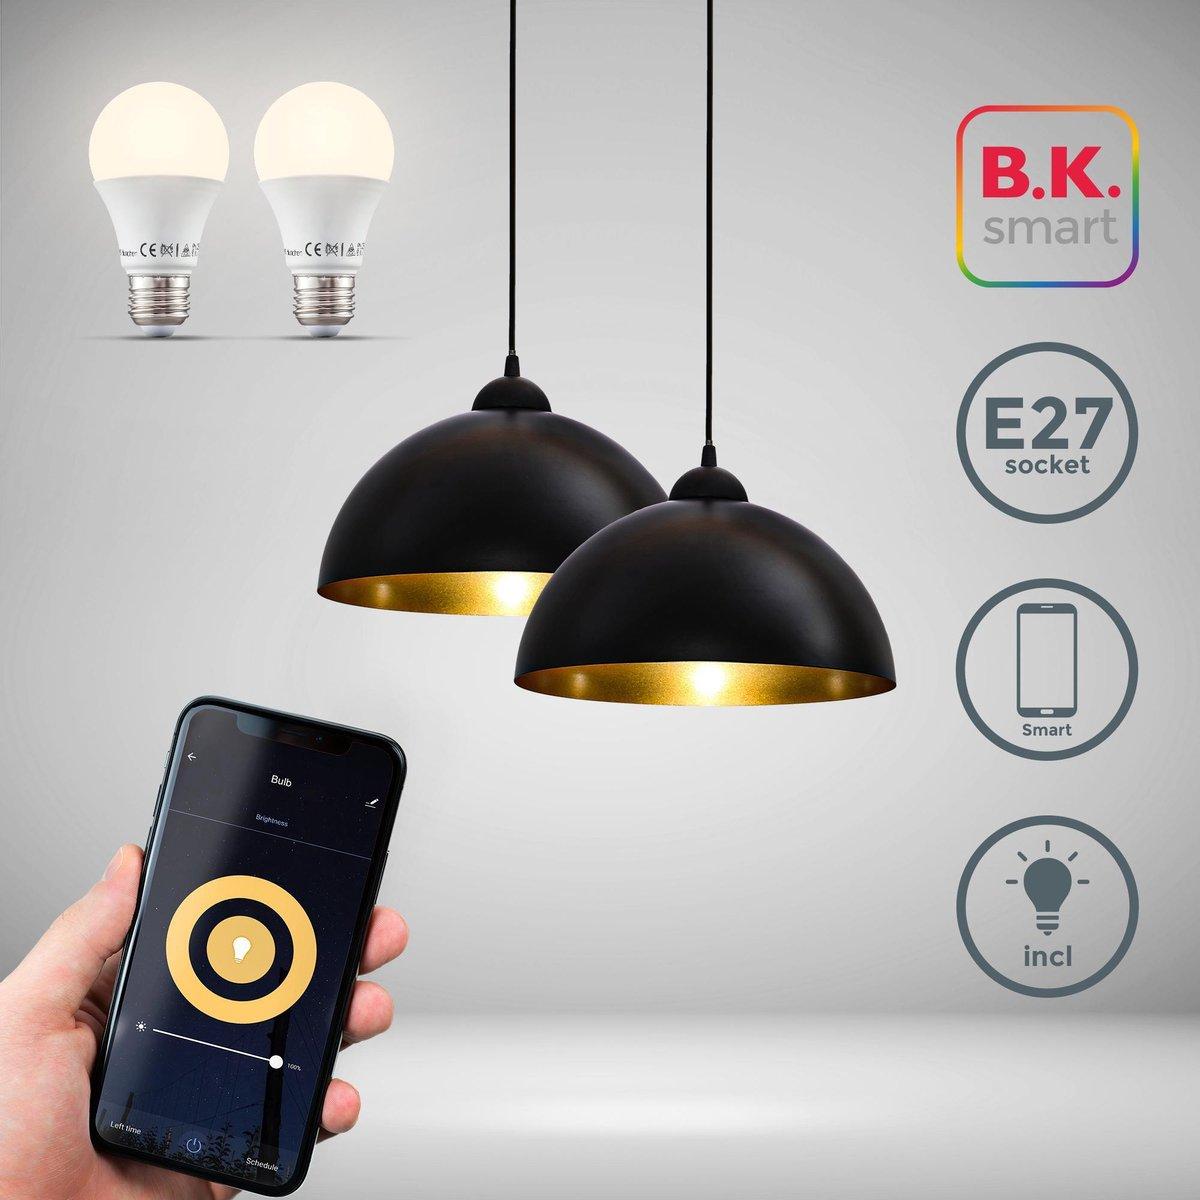 B.K.Licht - 2x Hanglampen - smart - retro - hanglamp zwart - incl. 2 x E27 smart lamp